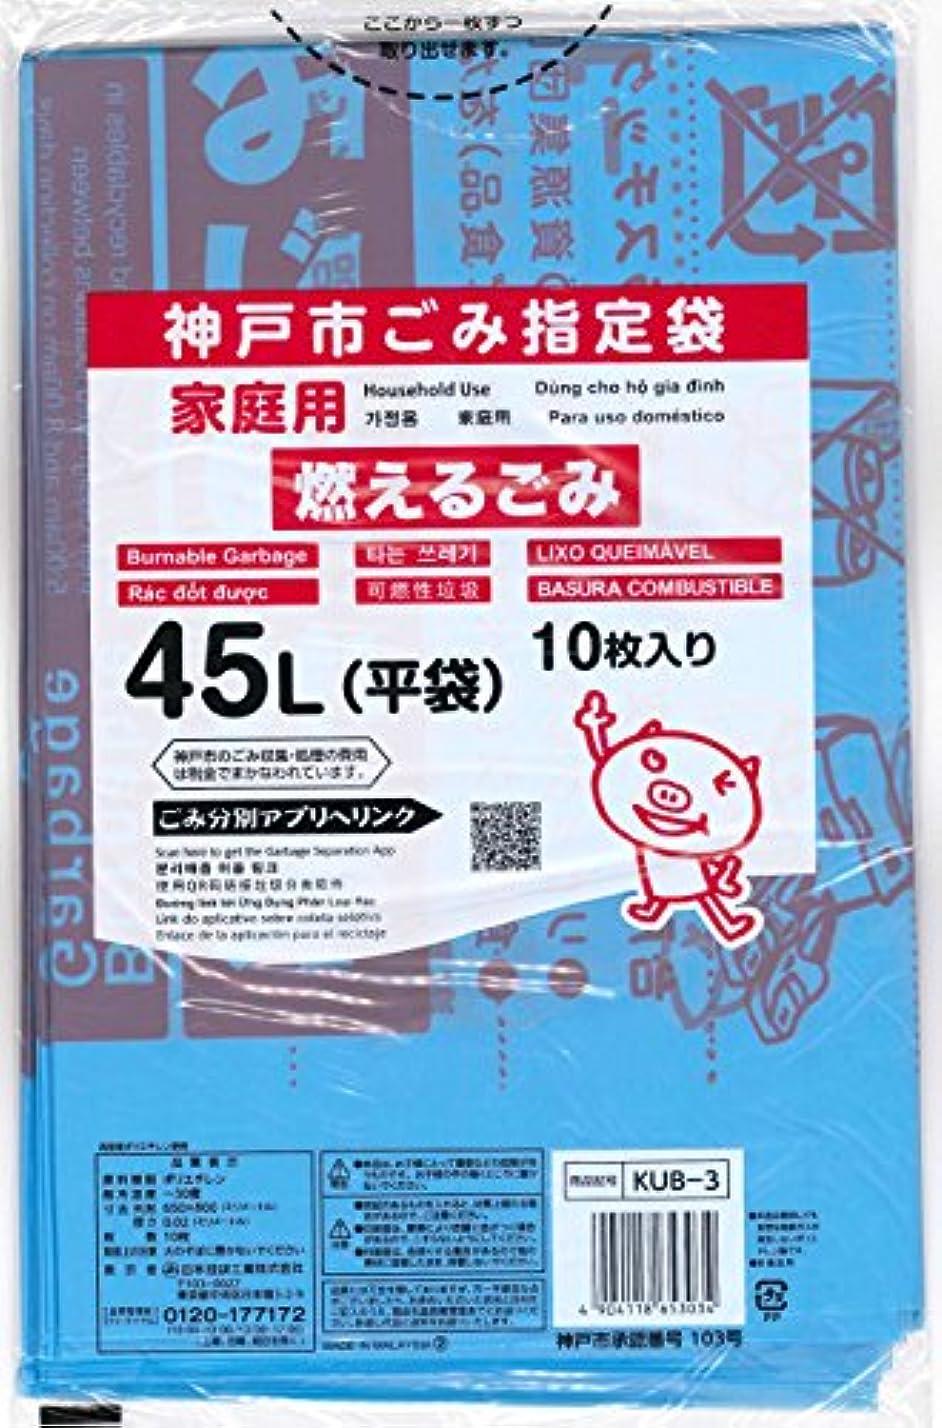 甘やかす等価設計図日本技研工業 神戸市指定ゴミ袋 青 45L 65cm×80cm 厚さ0.02mm 燃えるごみ用 KUB-3 10枚入